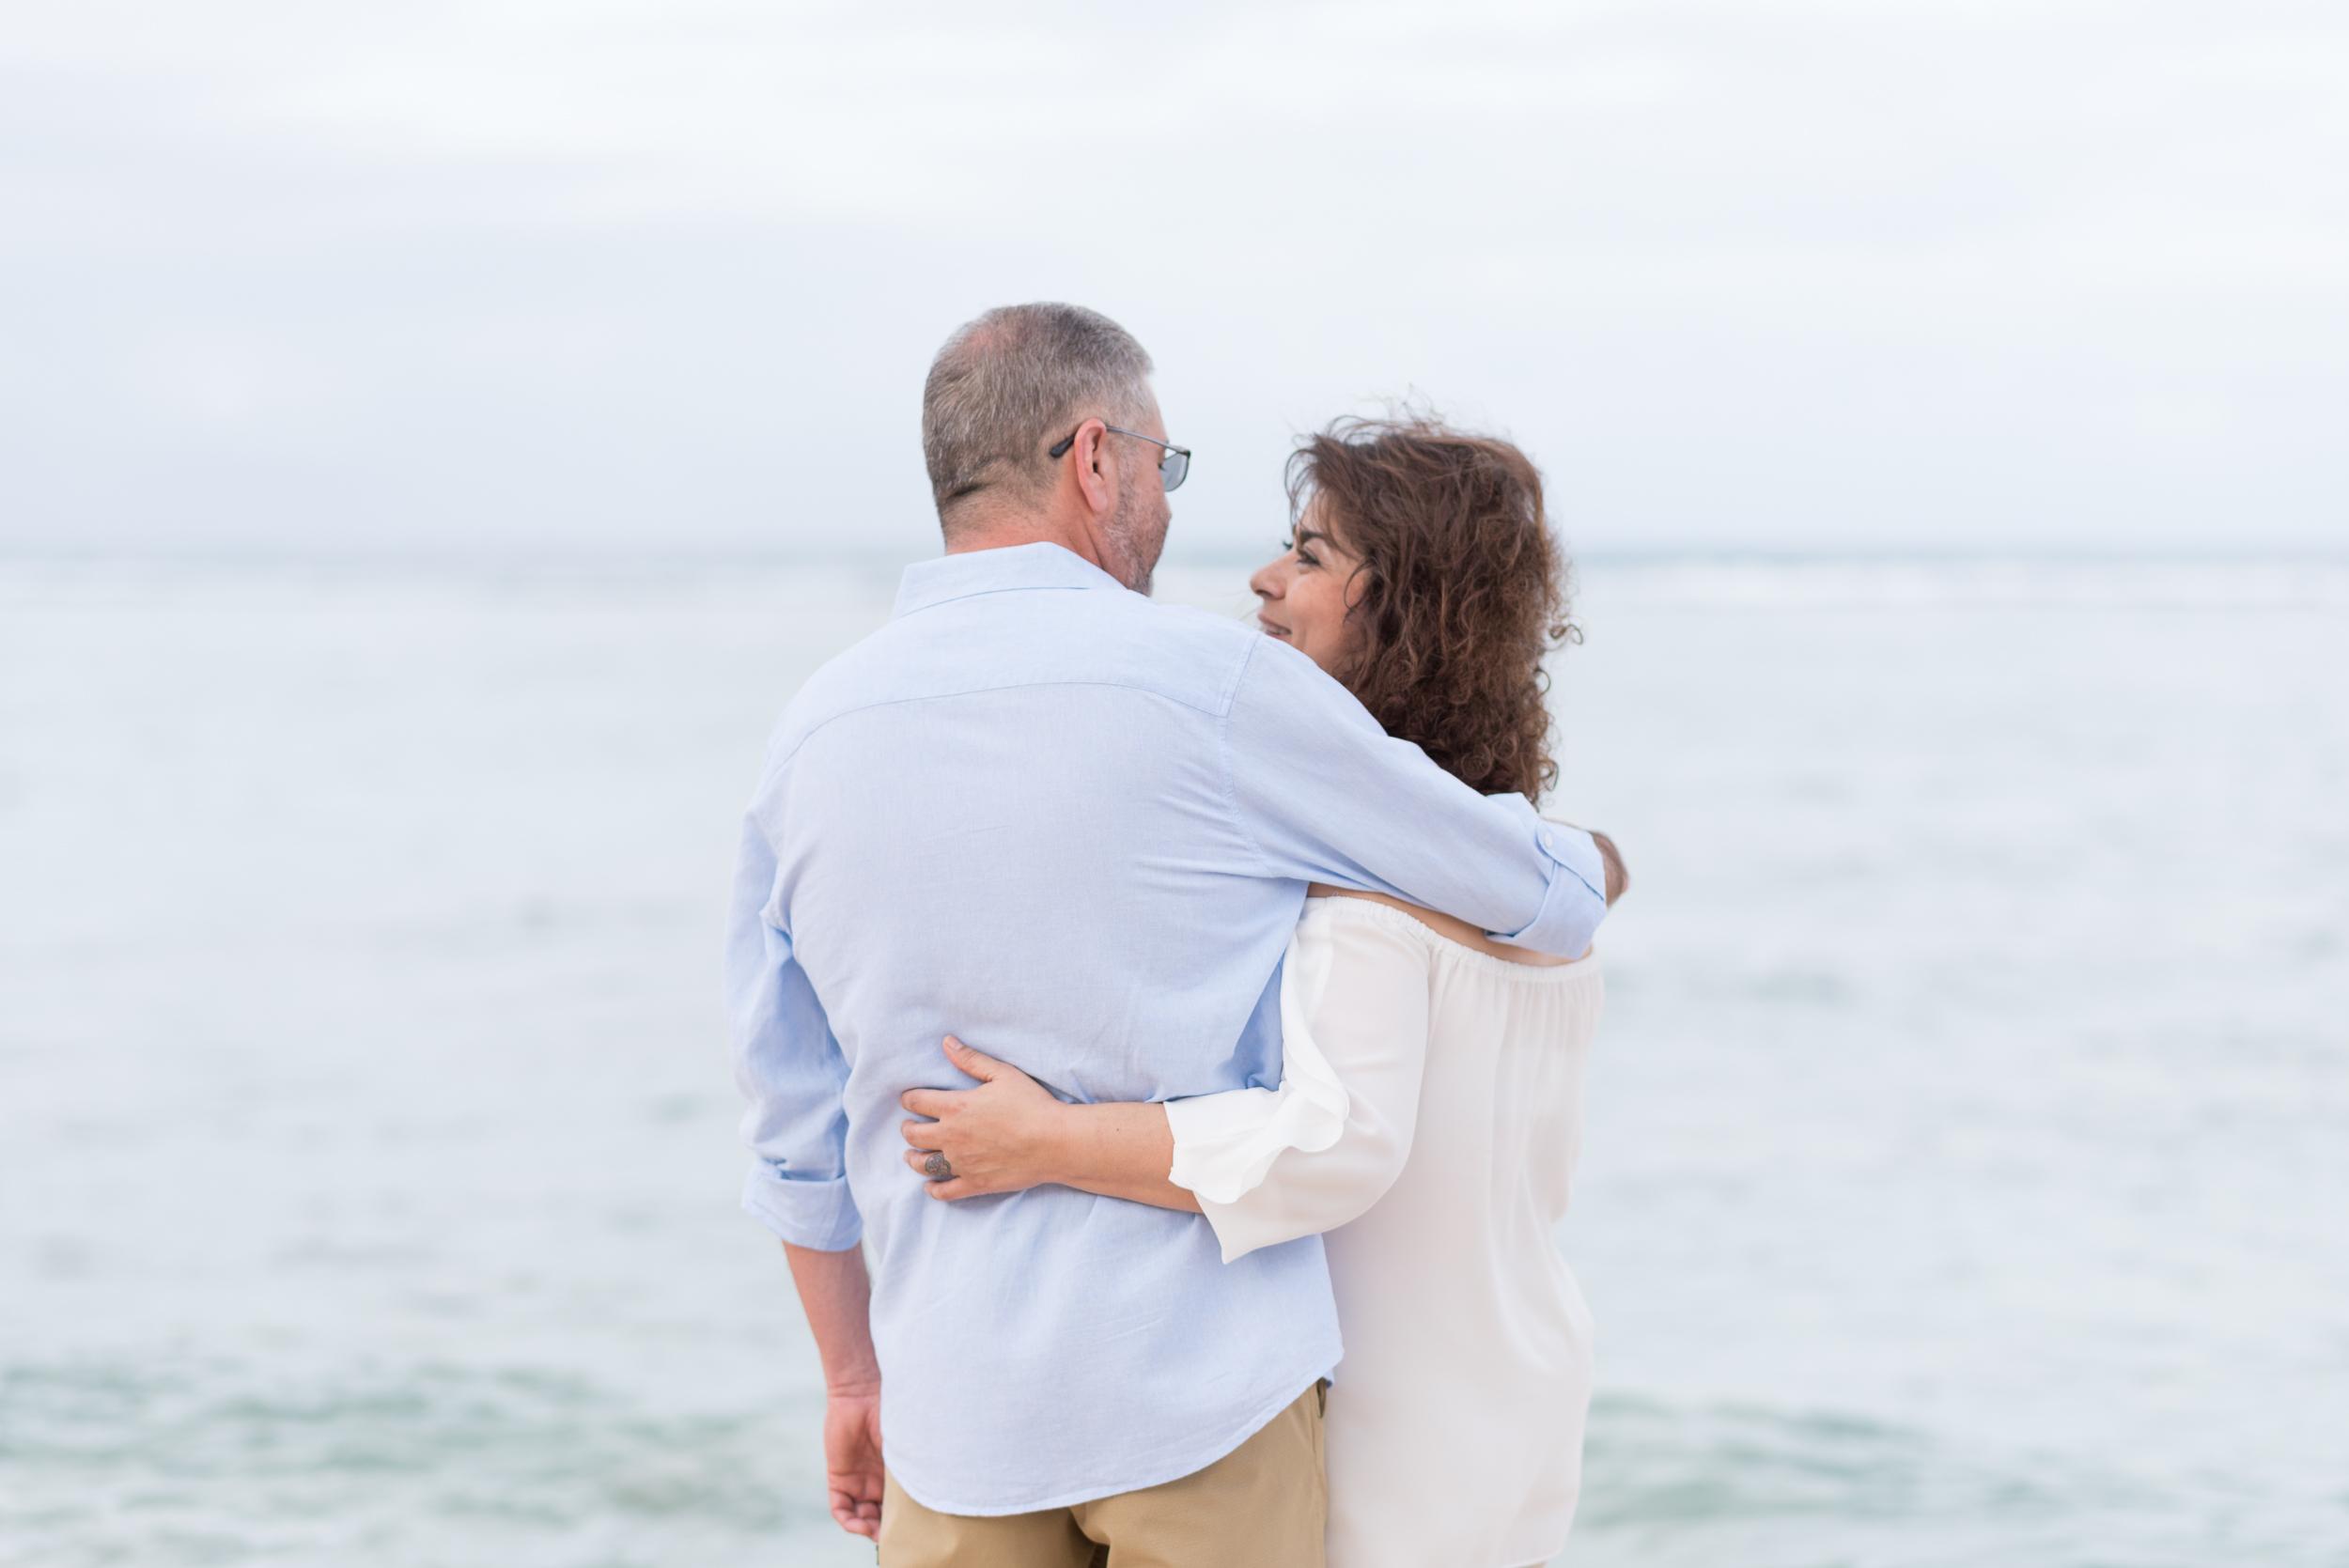 CouplesSessionTaragueGuamPhotographer-ROXANNEAUGUSTA-2.jpg